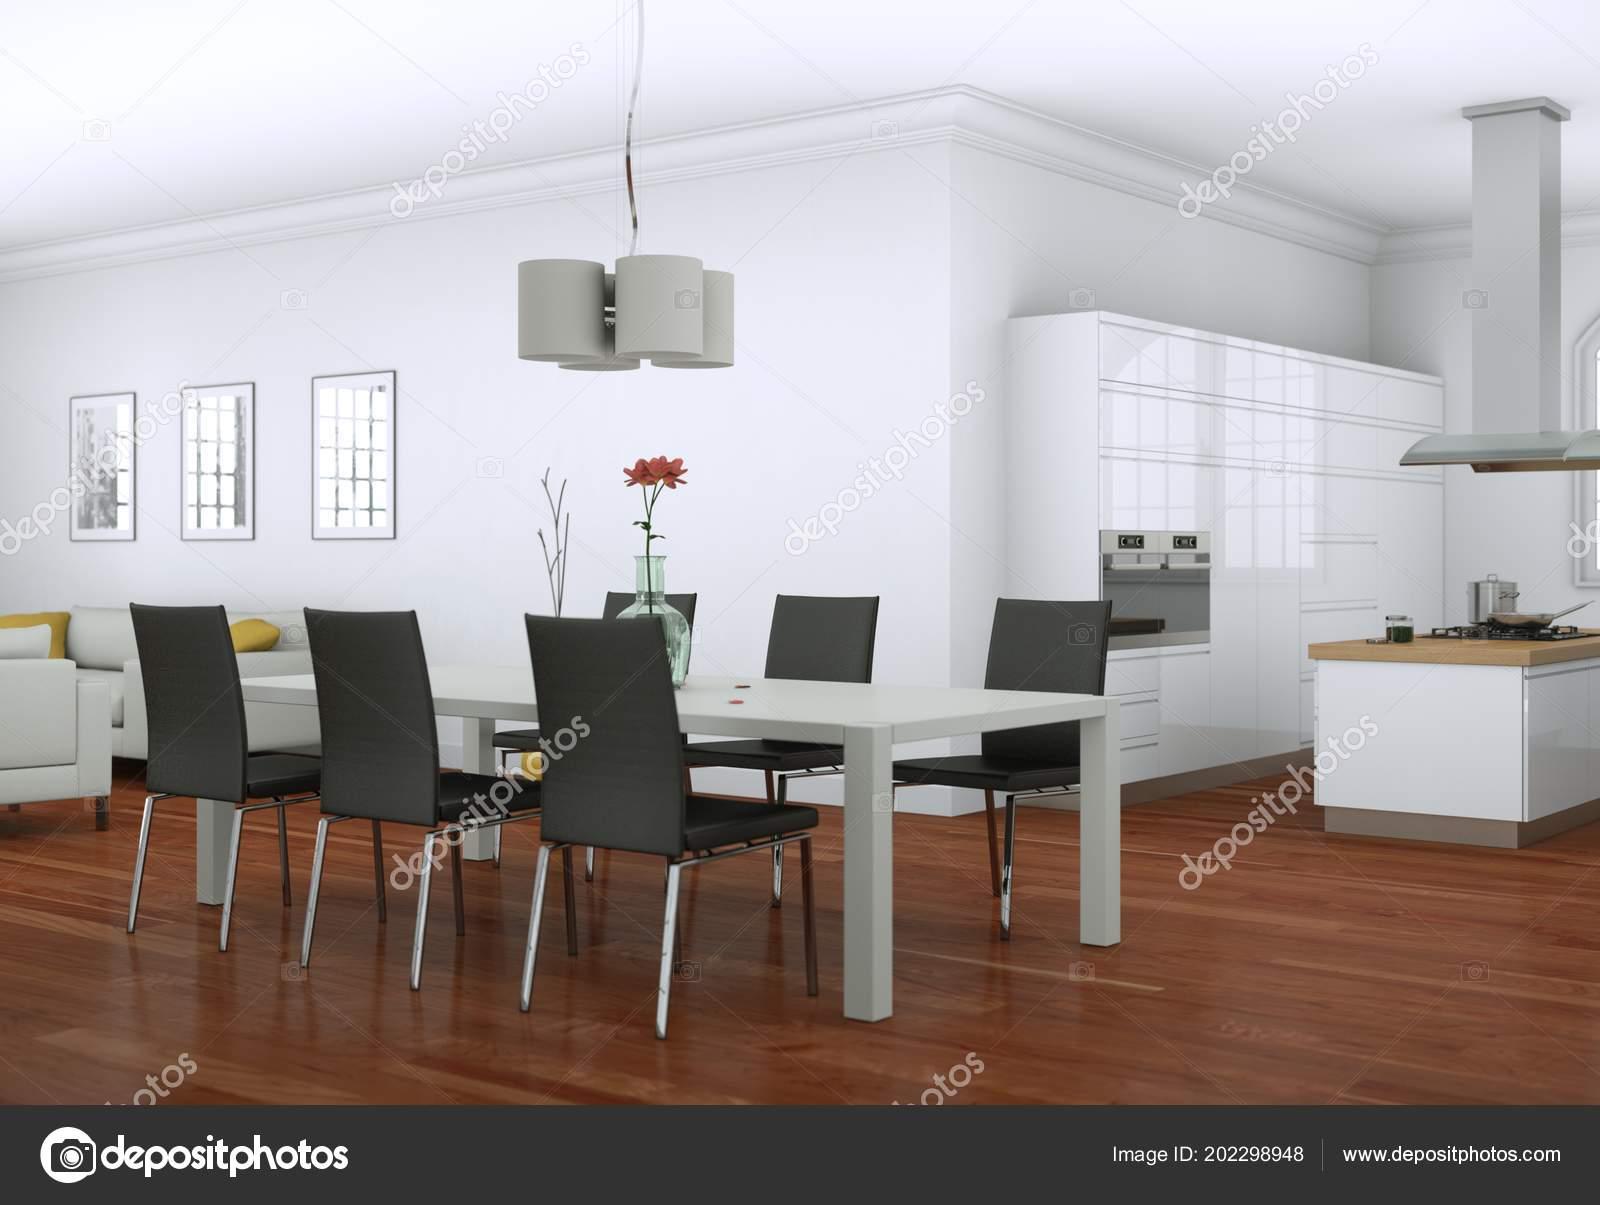 Merveilleux Salle à Manger Design Du0027intérieur En Appartement Moderne Illustration 3d U2014  Image De ...